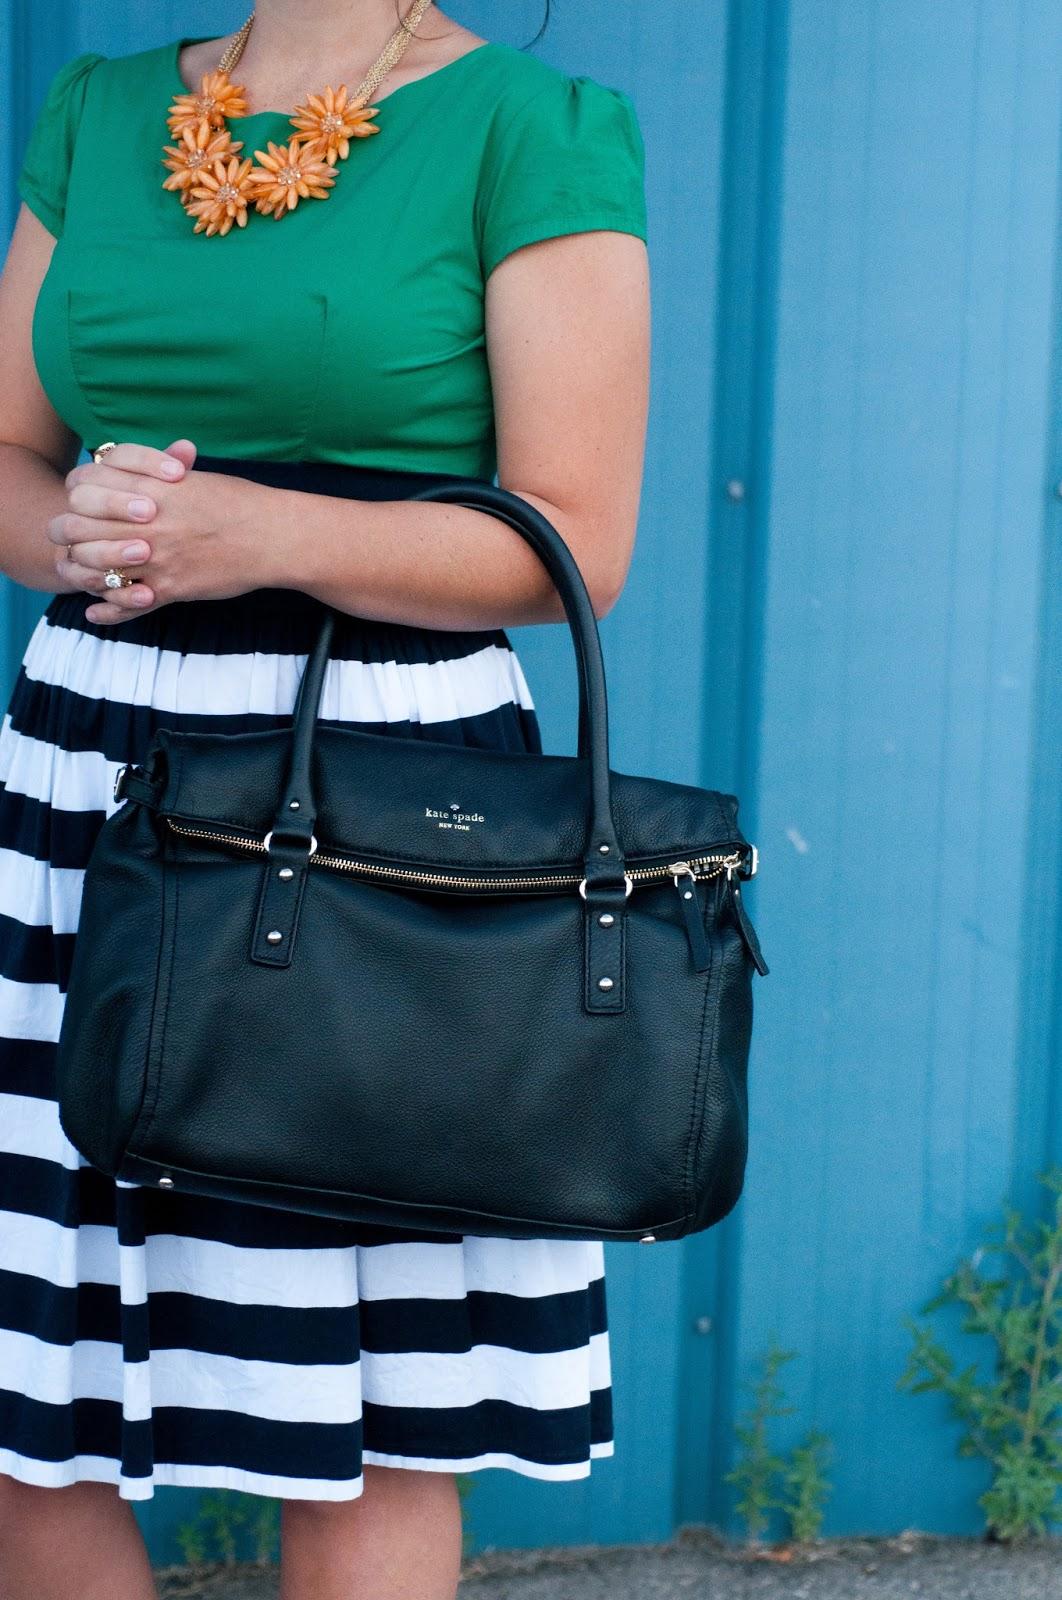 shabby apple gondola dress, shabby apple, kate spade cobble hill handbag, stripe dress, ootd